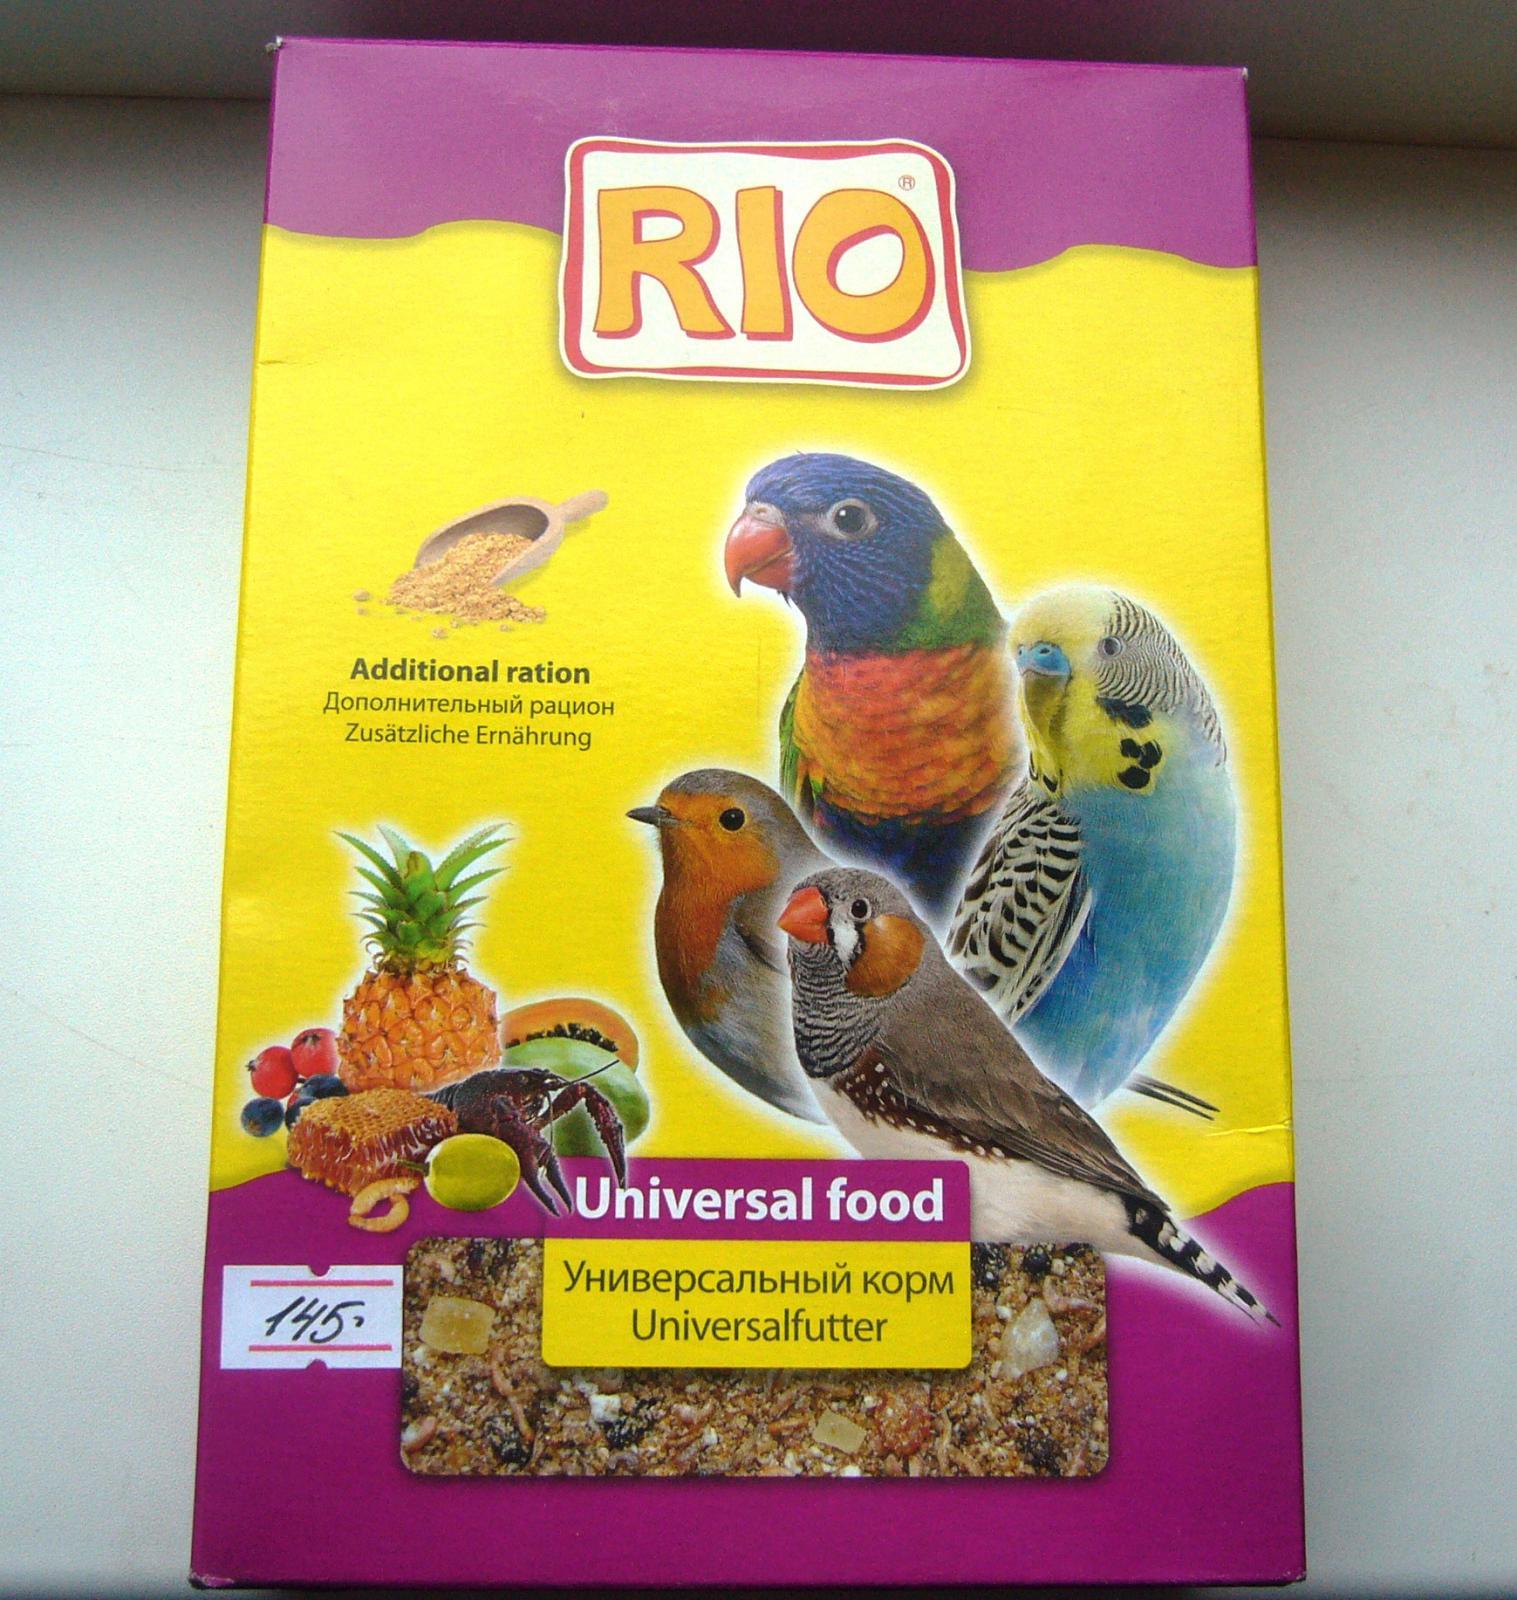 Корм Рио Универсальный корм (Дополнительный рацион) - P1090997.JPG